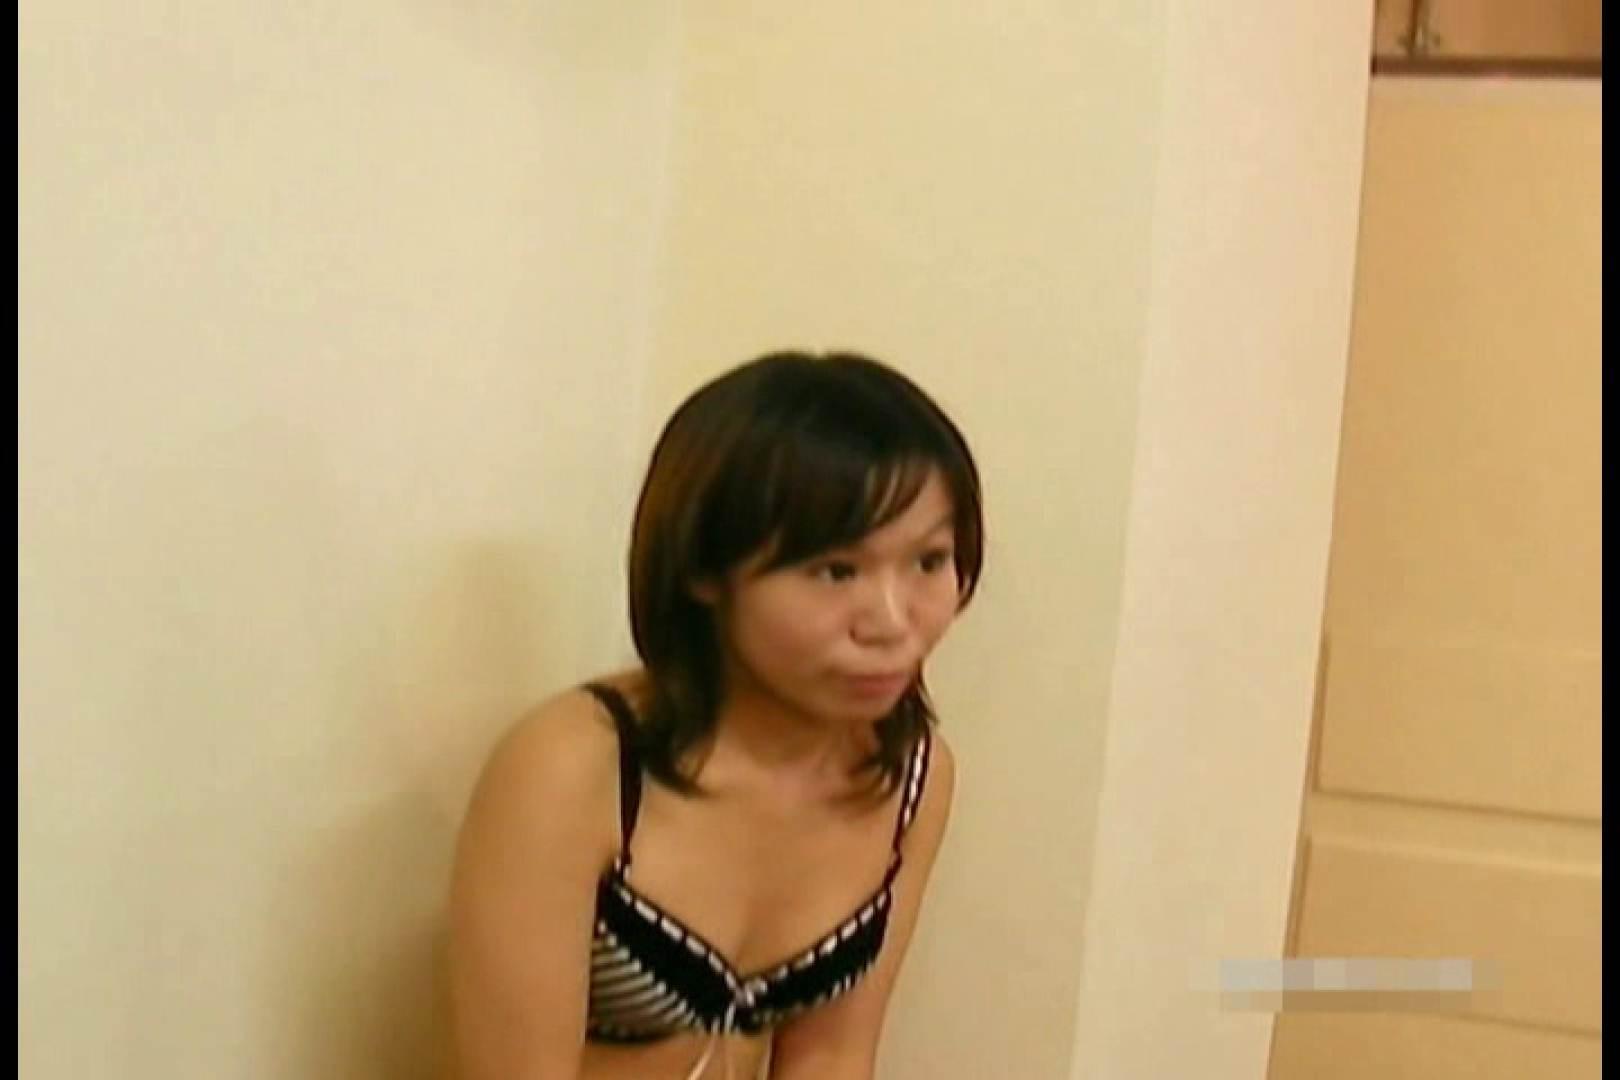 素人撮影 下着だけの撮影のはずが・・・ゆき24歳 盗撮 | 隠撮  98pic 19